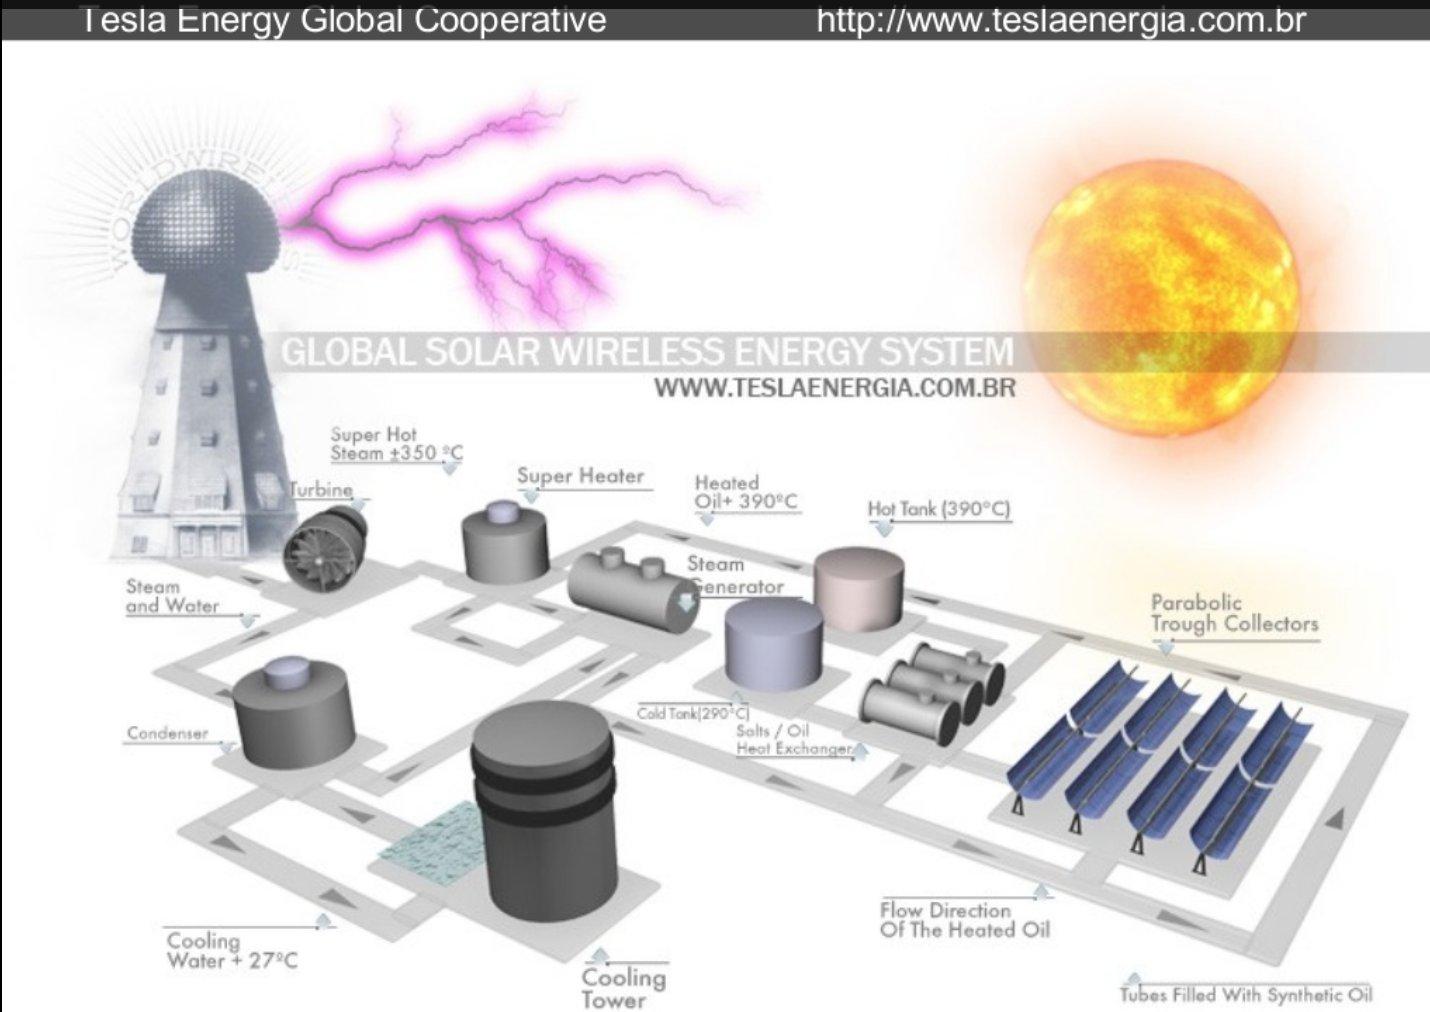 QPlusNews, Tesla Energy Global Cooperative